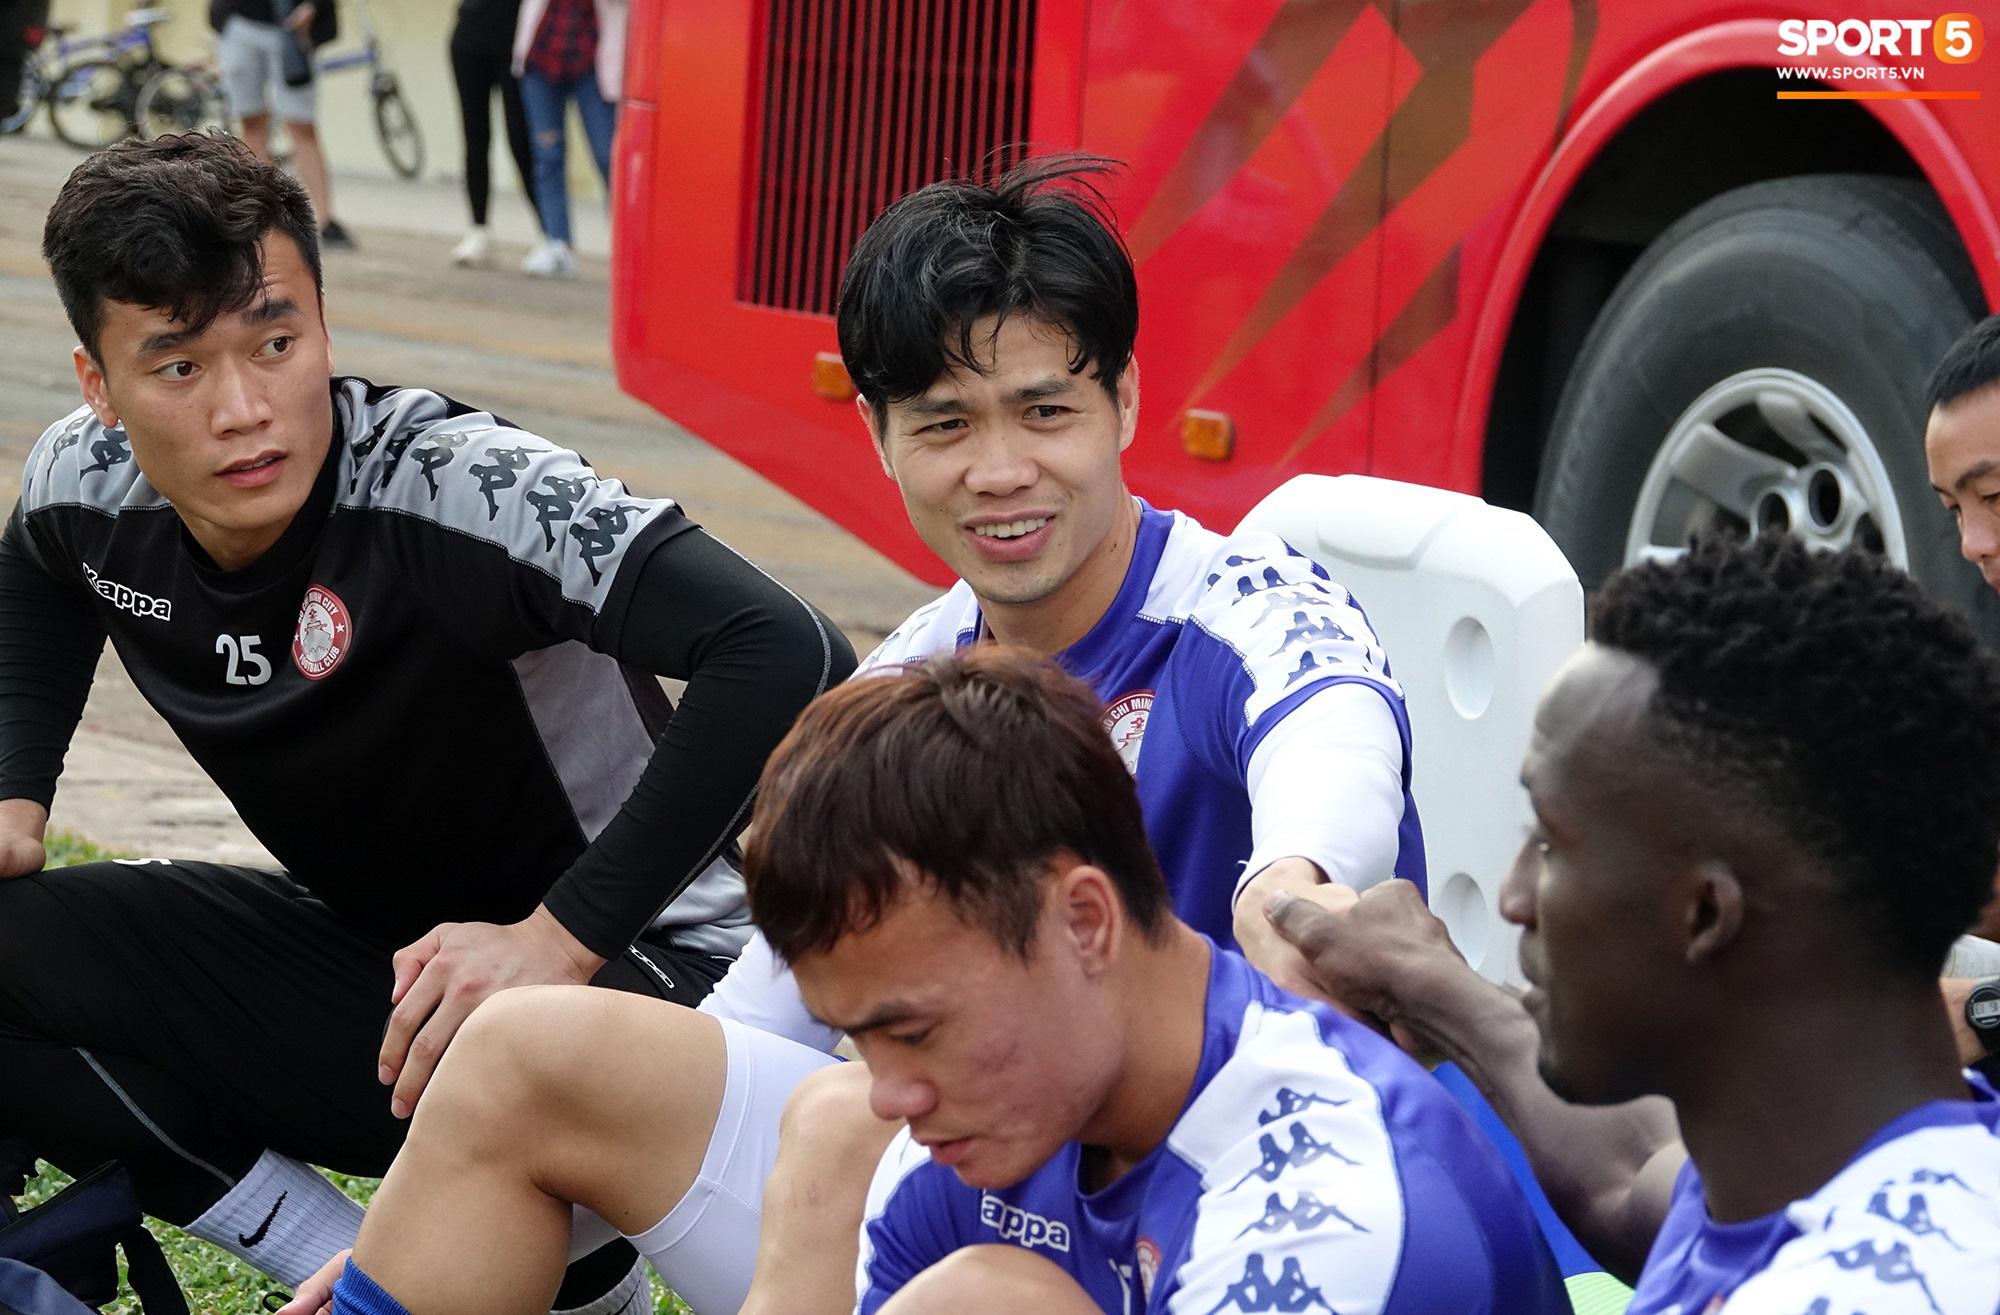 Không phải bầu Đức, bầu Hiển, đây mới là đội bóng V.League khát khao giải cứu Đặng Văn Lâm nhất - Ảnh 1.